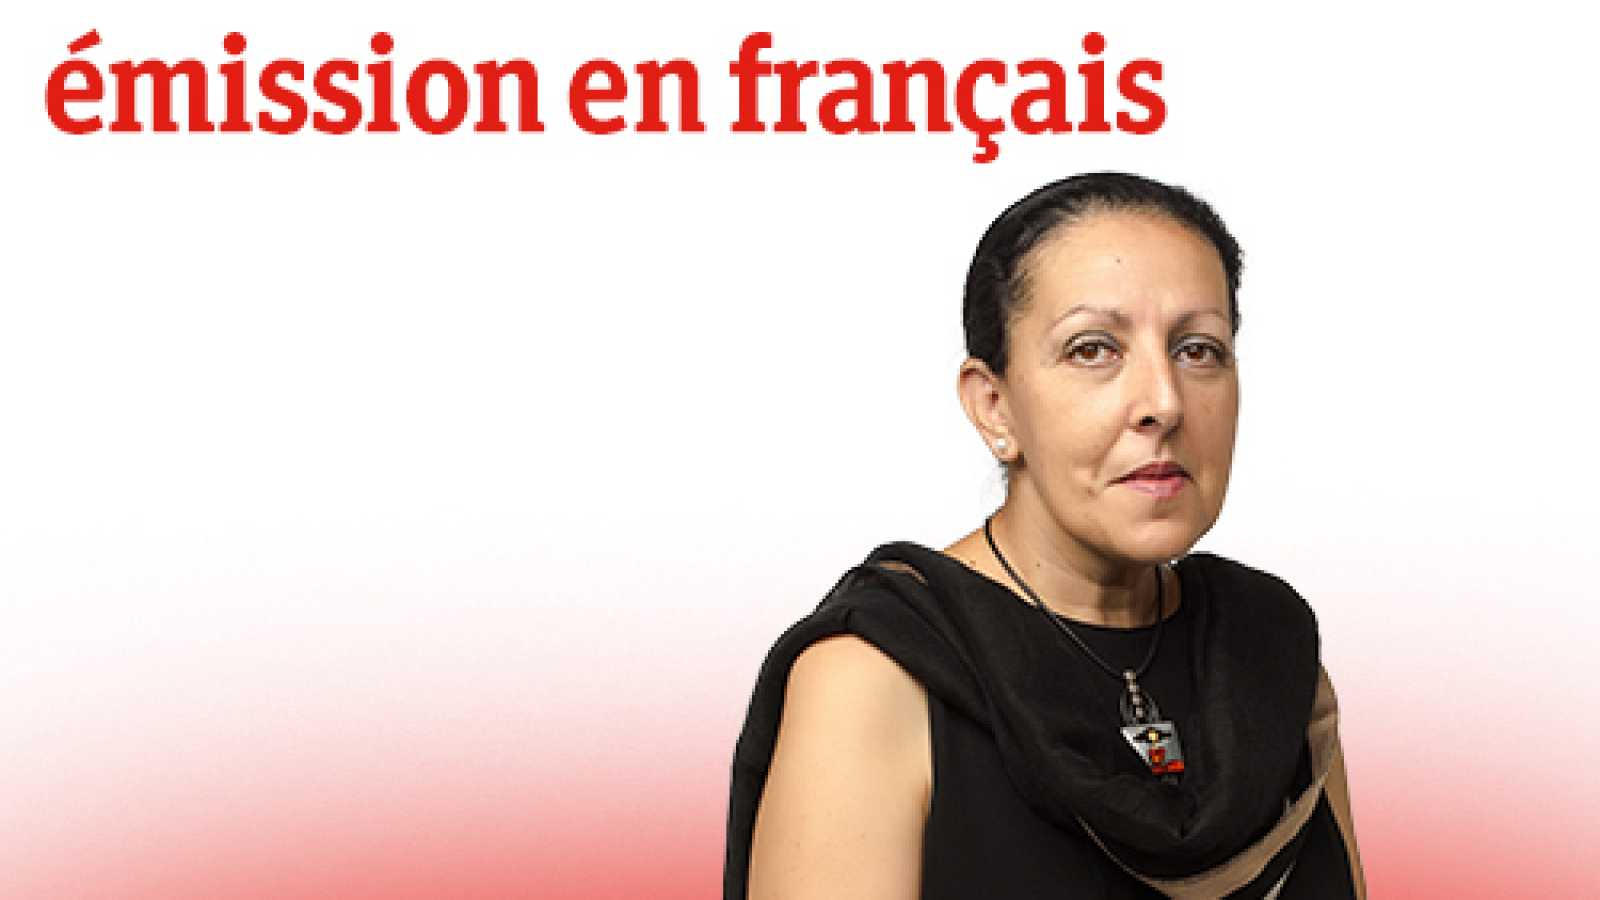 Emission en français - Feuilles Eparses (IX) - 08/10/20 - escuchar ahora